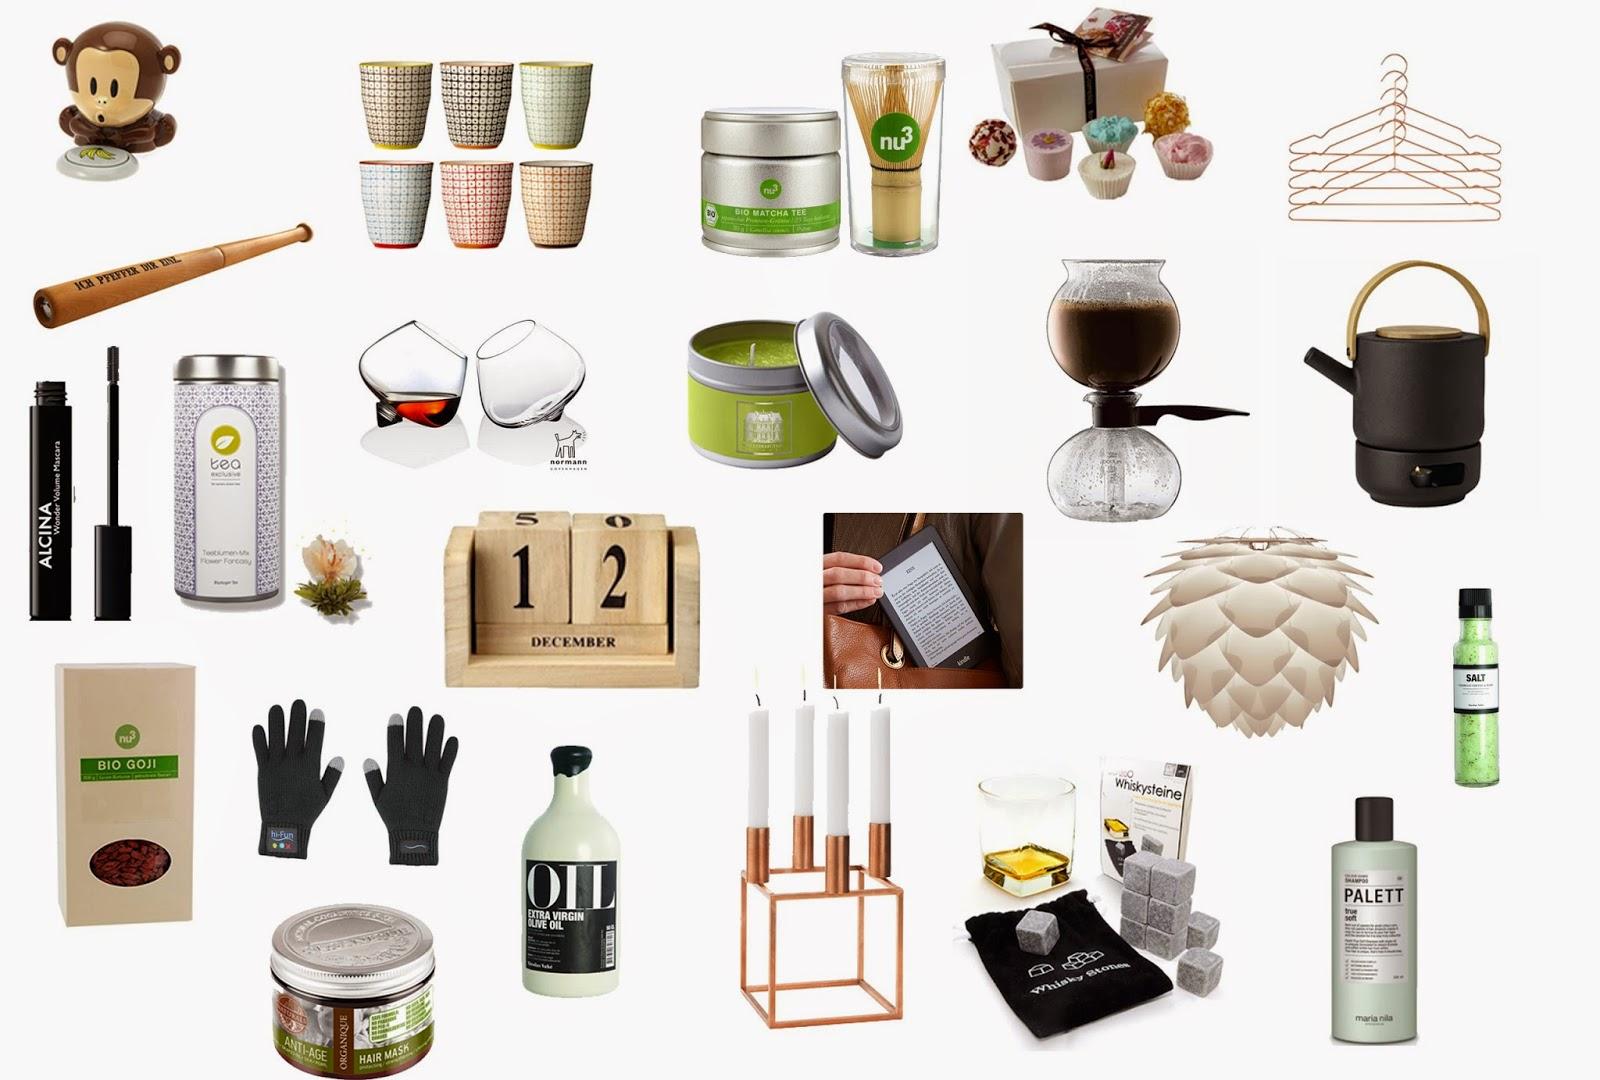 la reines blog tipps f r weihnachtsgeschenke. Black Bedroom Furniture Sets. Home Design Ideas